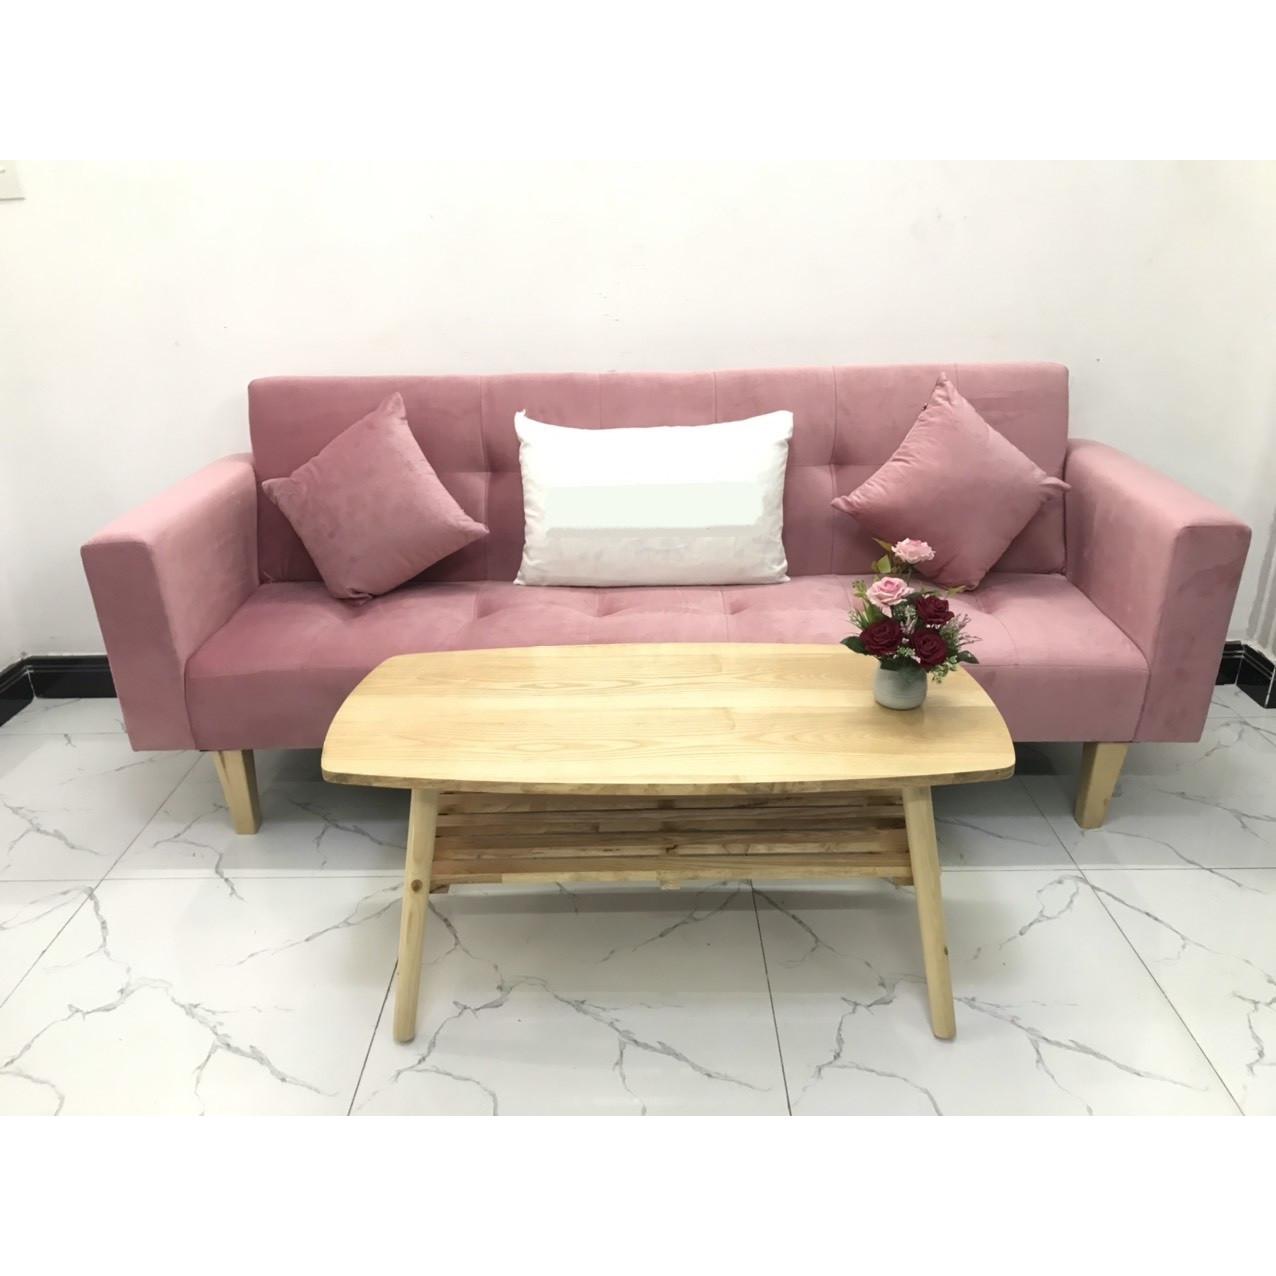 Bộ ghế sofa giường sofa bed tay vịn phòng khách linco10 sopha